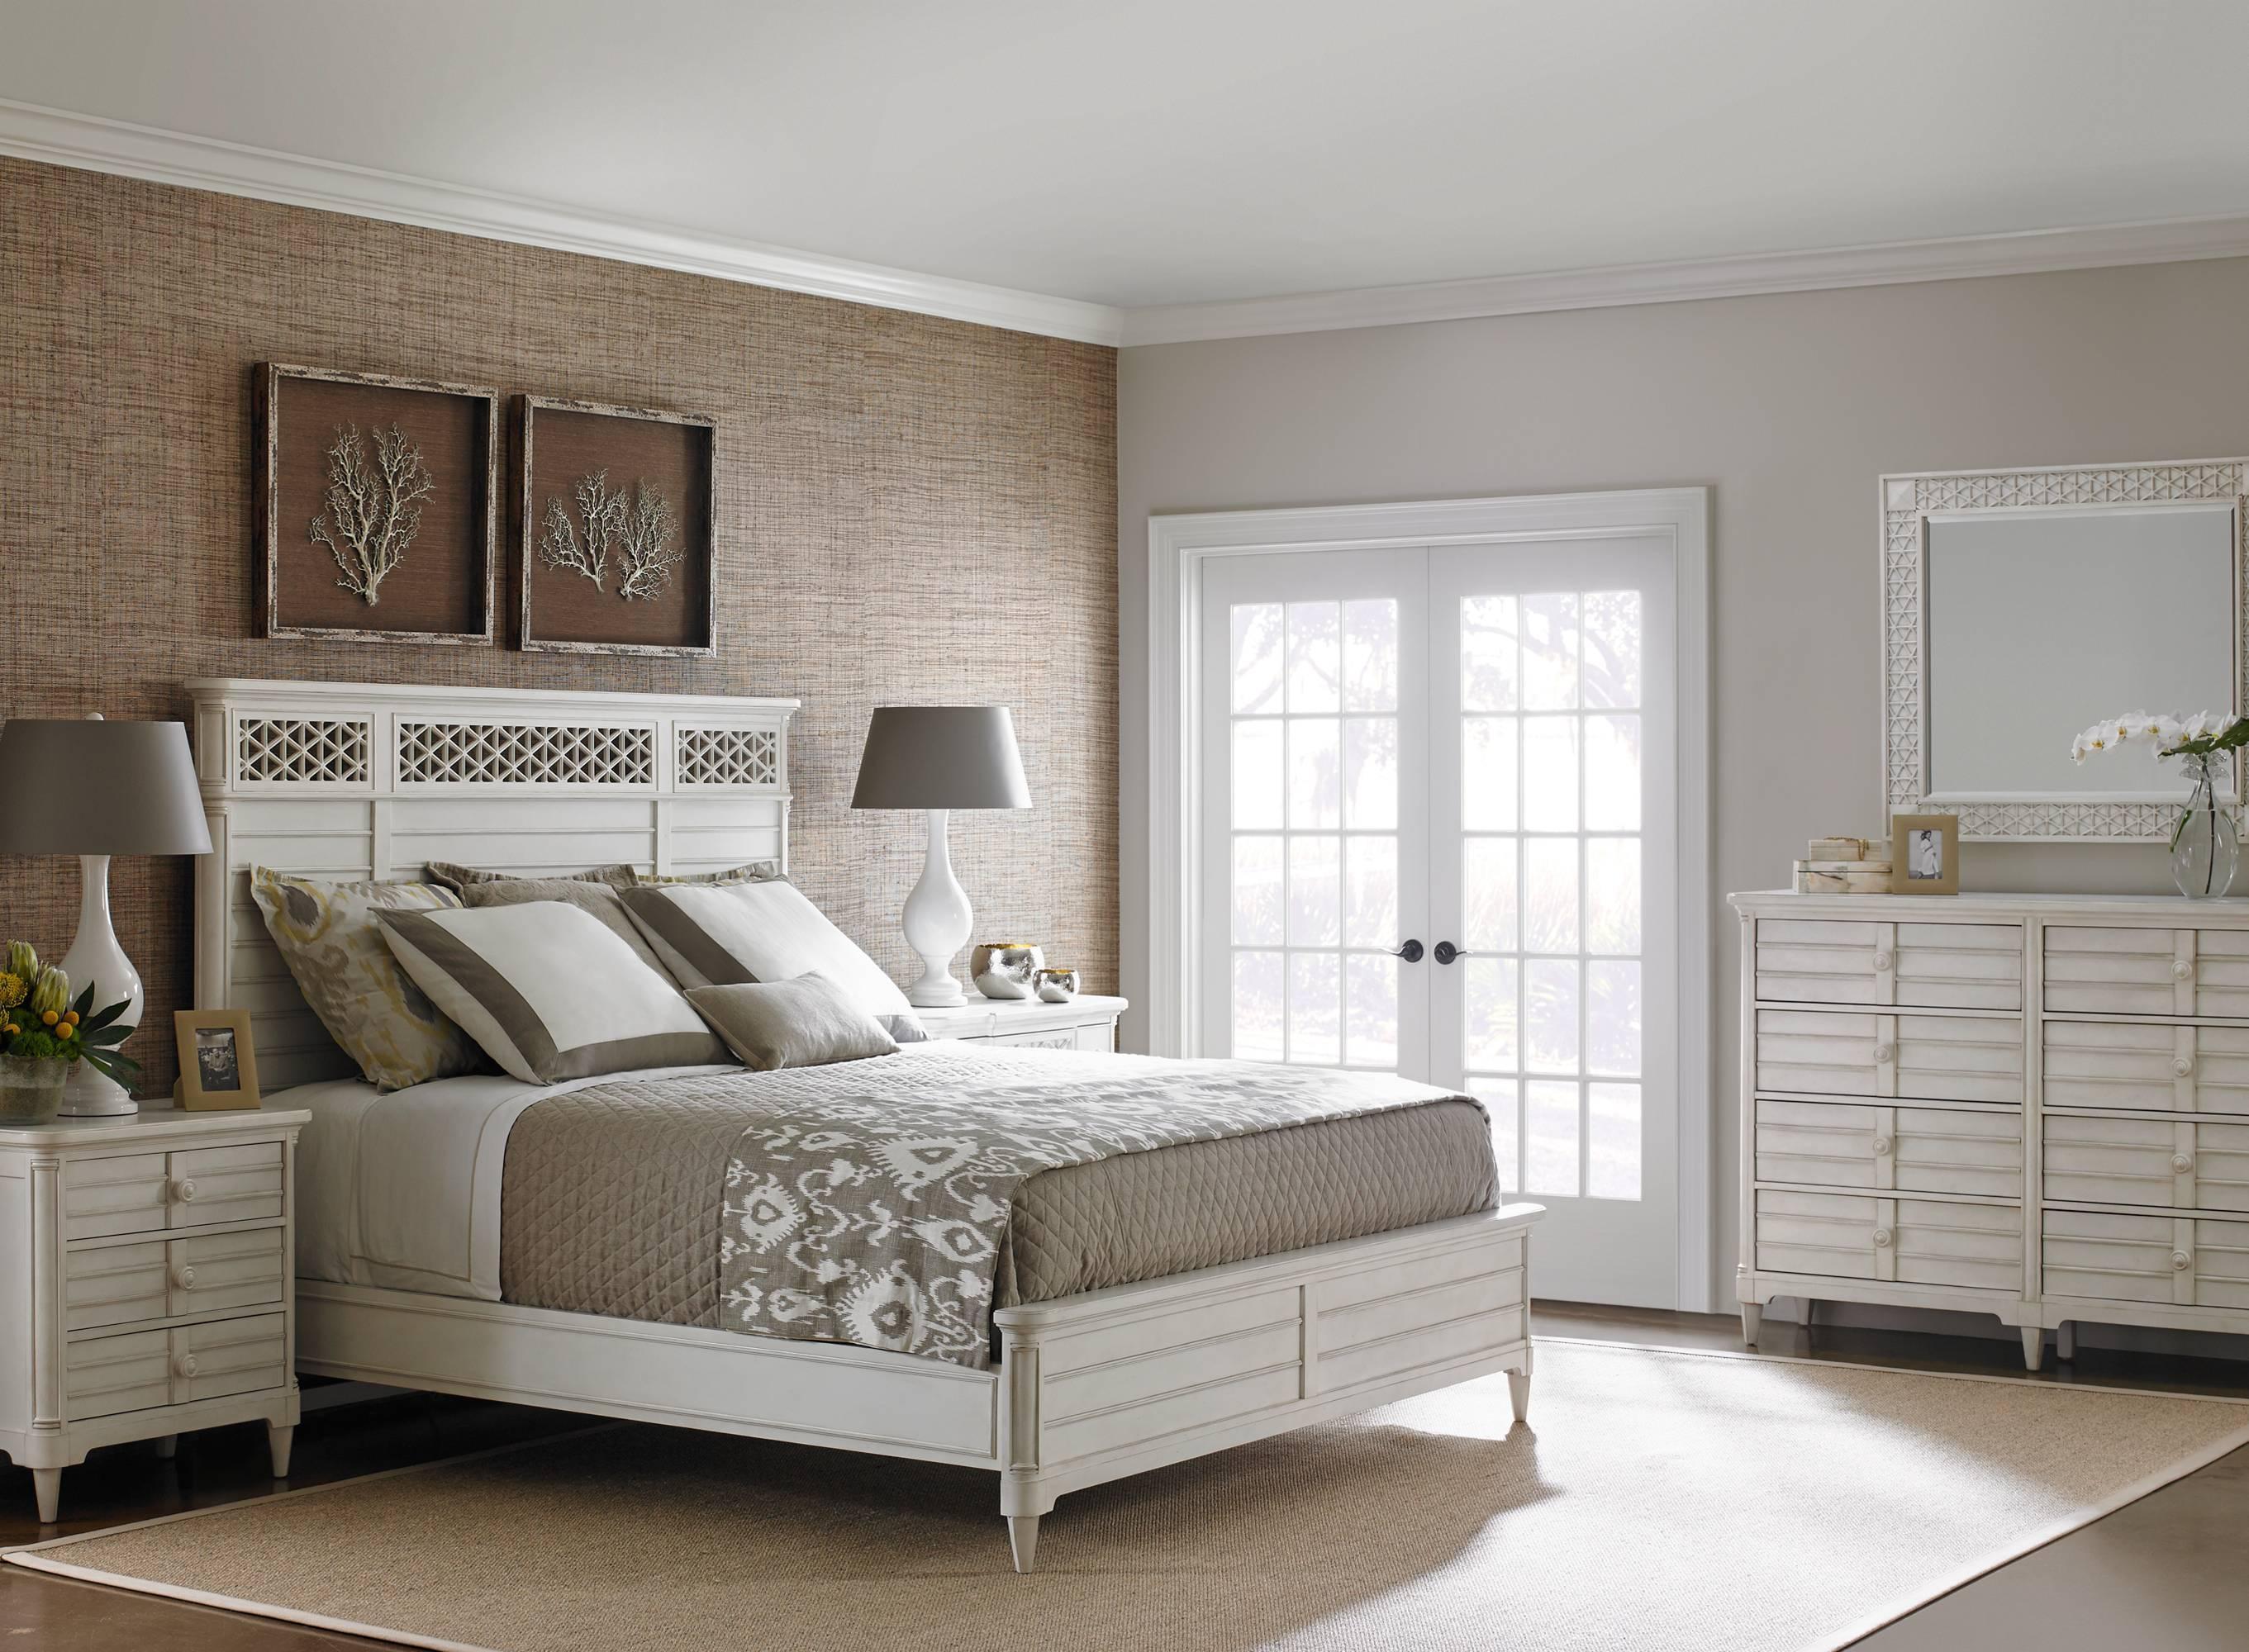 Stanley furniture cypress grove queen bedroom group baer 39 s furniture bedroom groups for Stanley furniture bedroom set